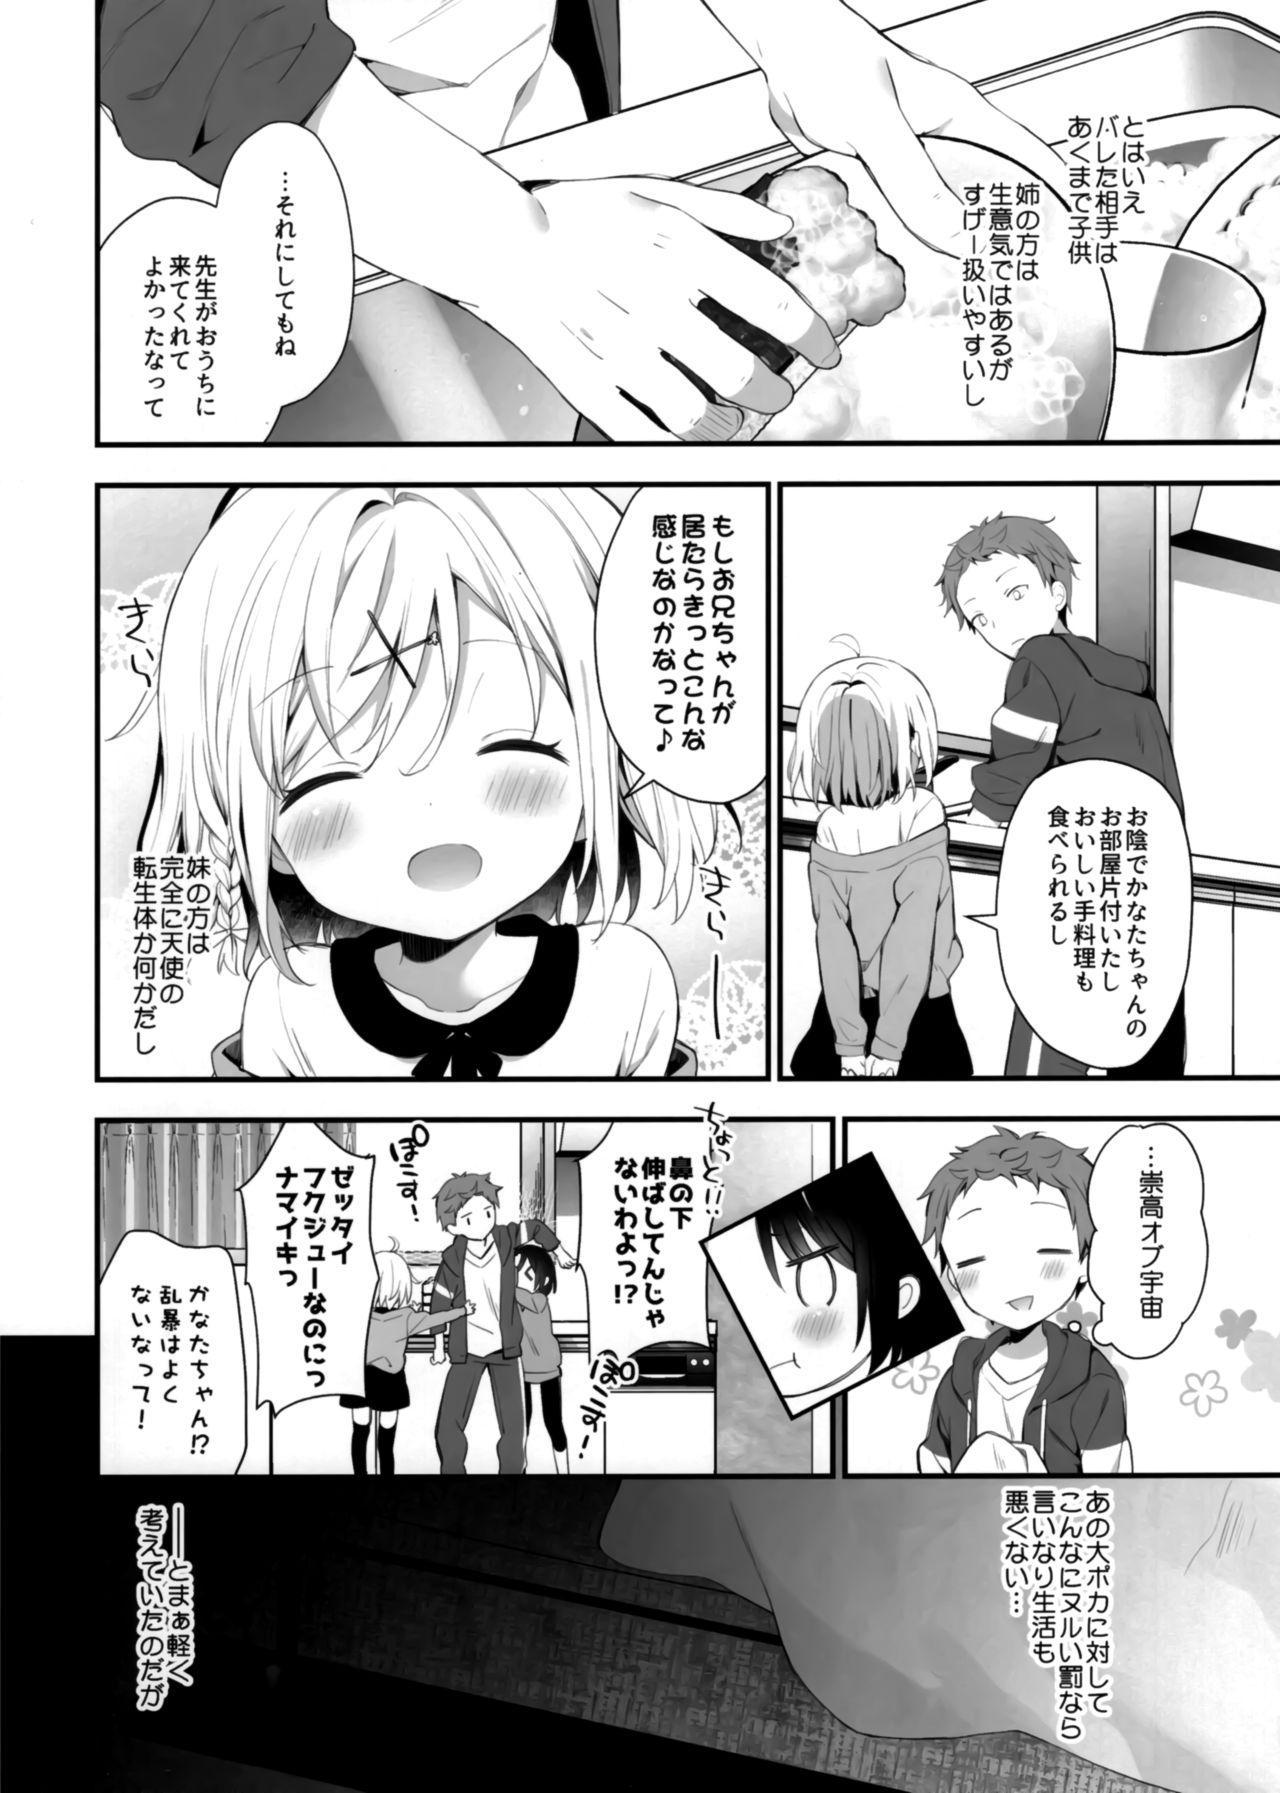 Futago-chan ni wa sakaraena i~tsu! 7